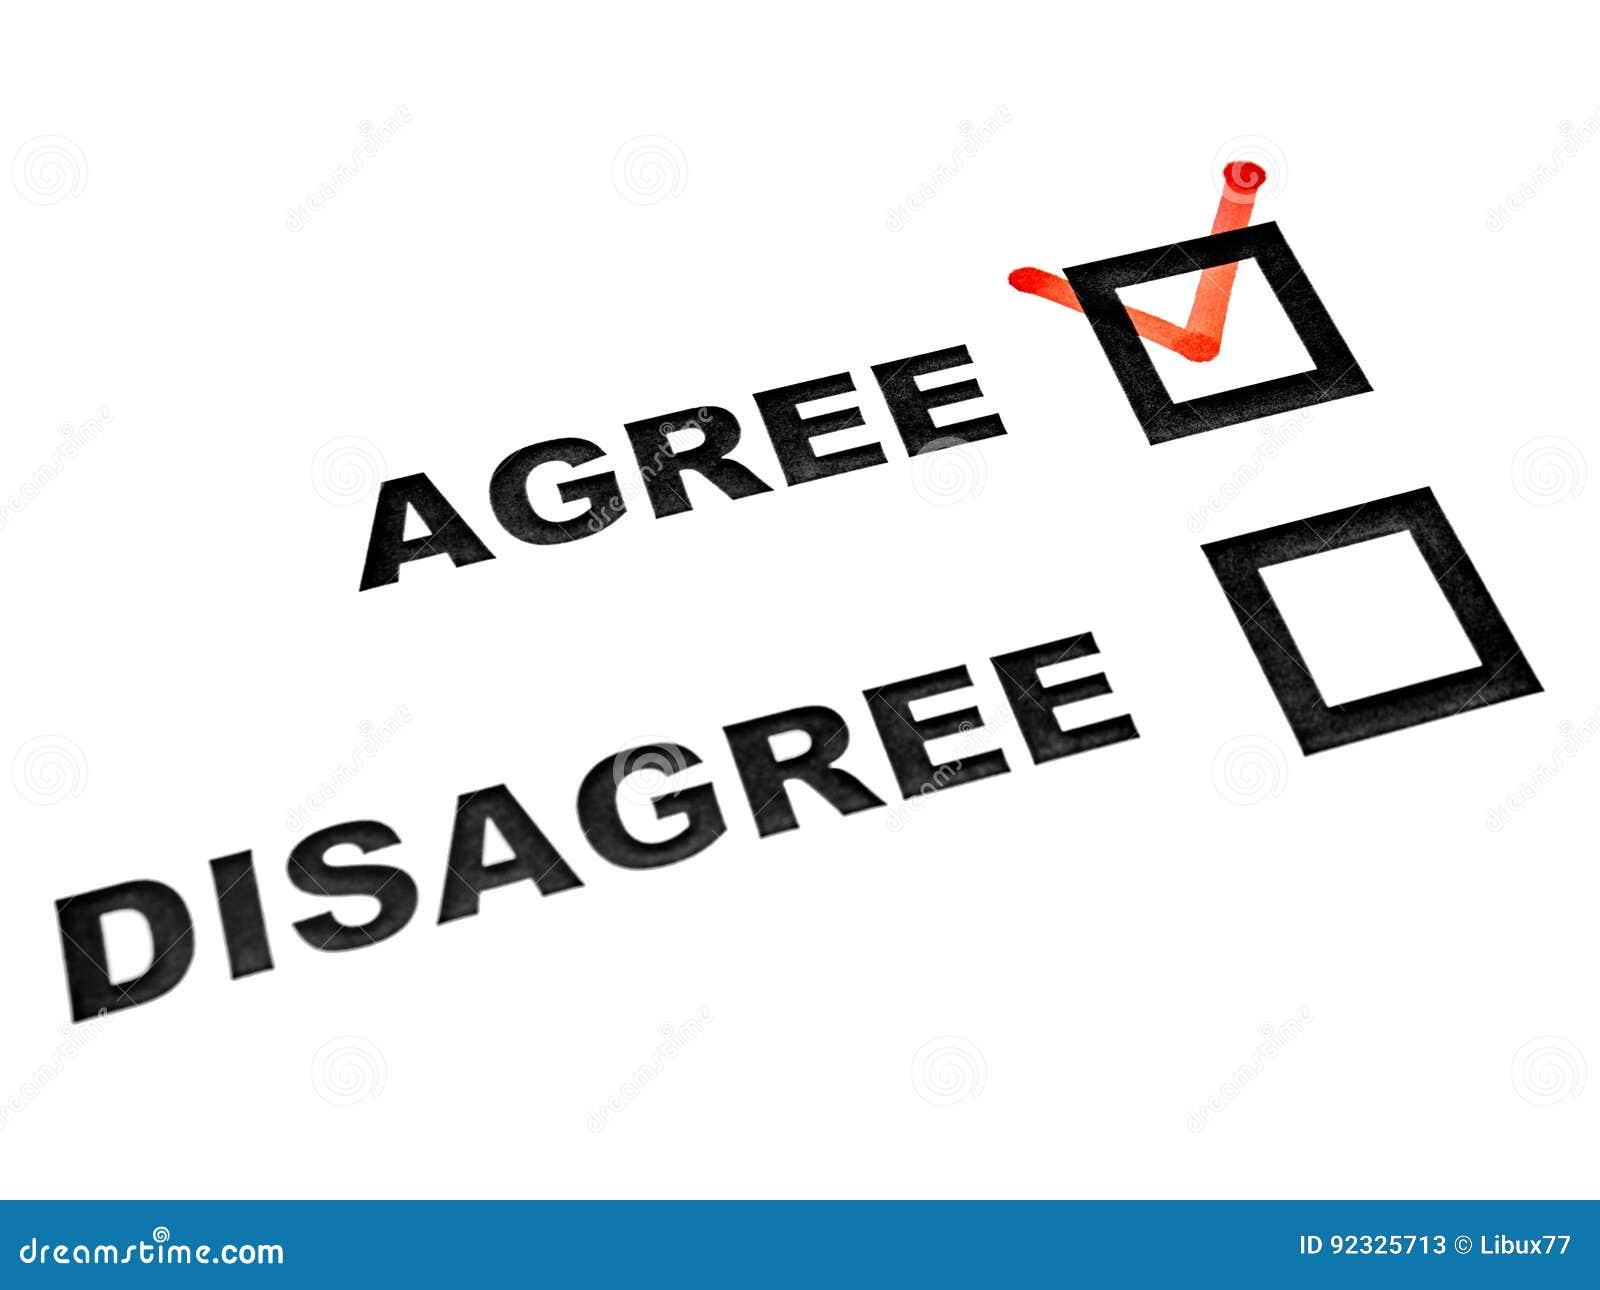 Agree sont en désaccord des cases à cocher sur le coutil blanc de feuille conviennent dessus